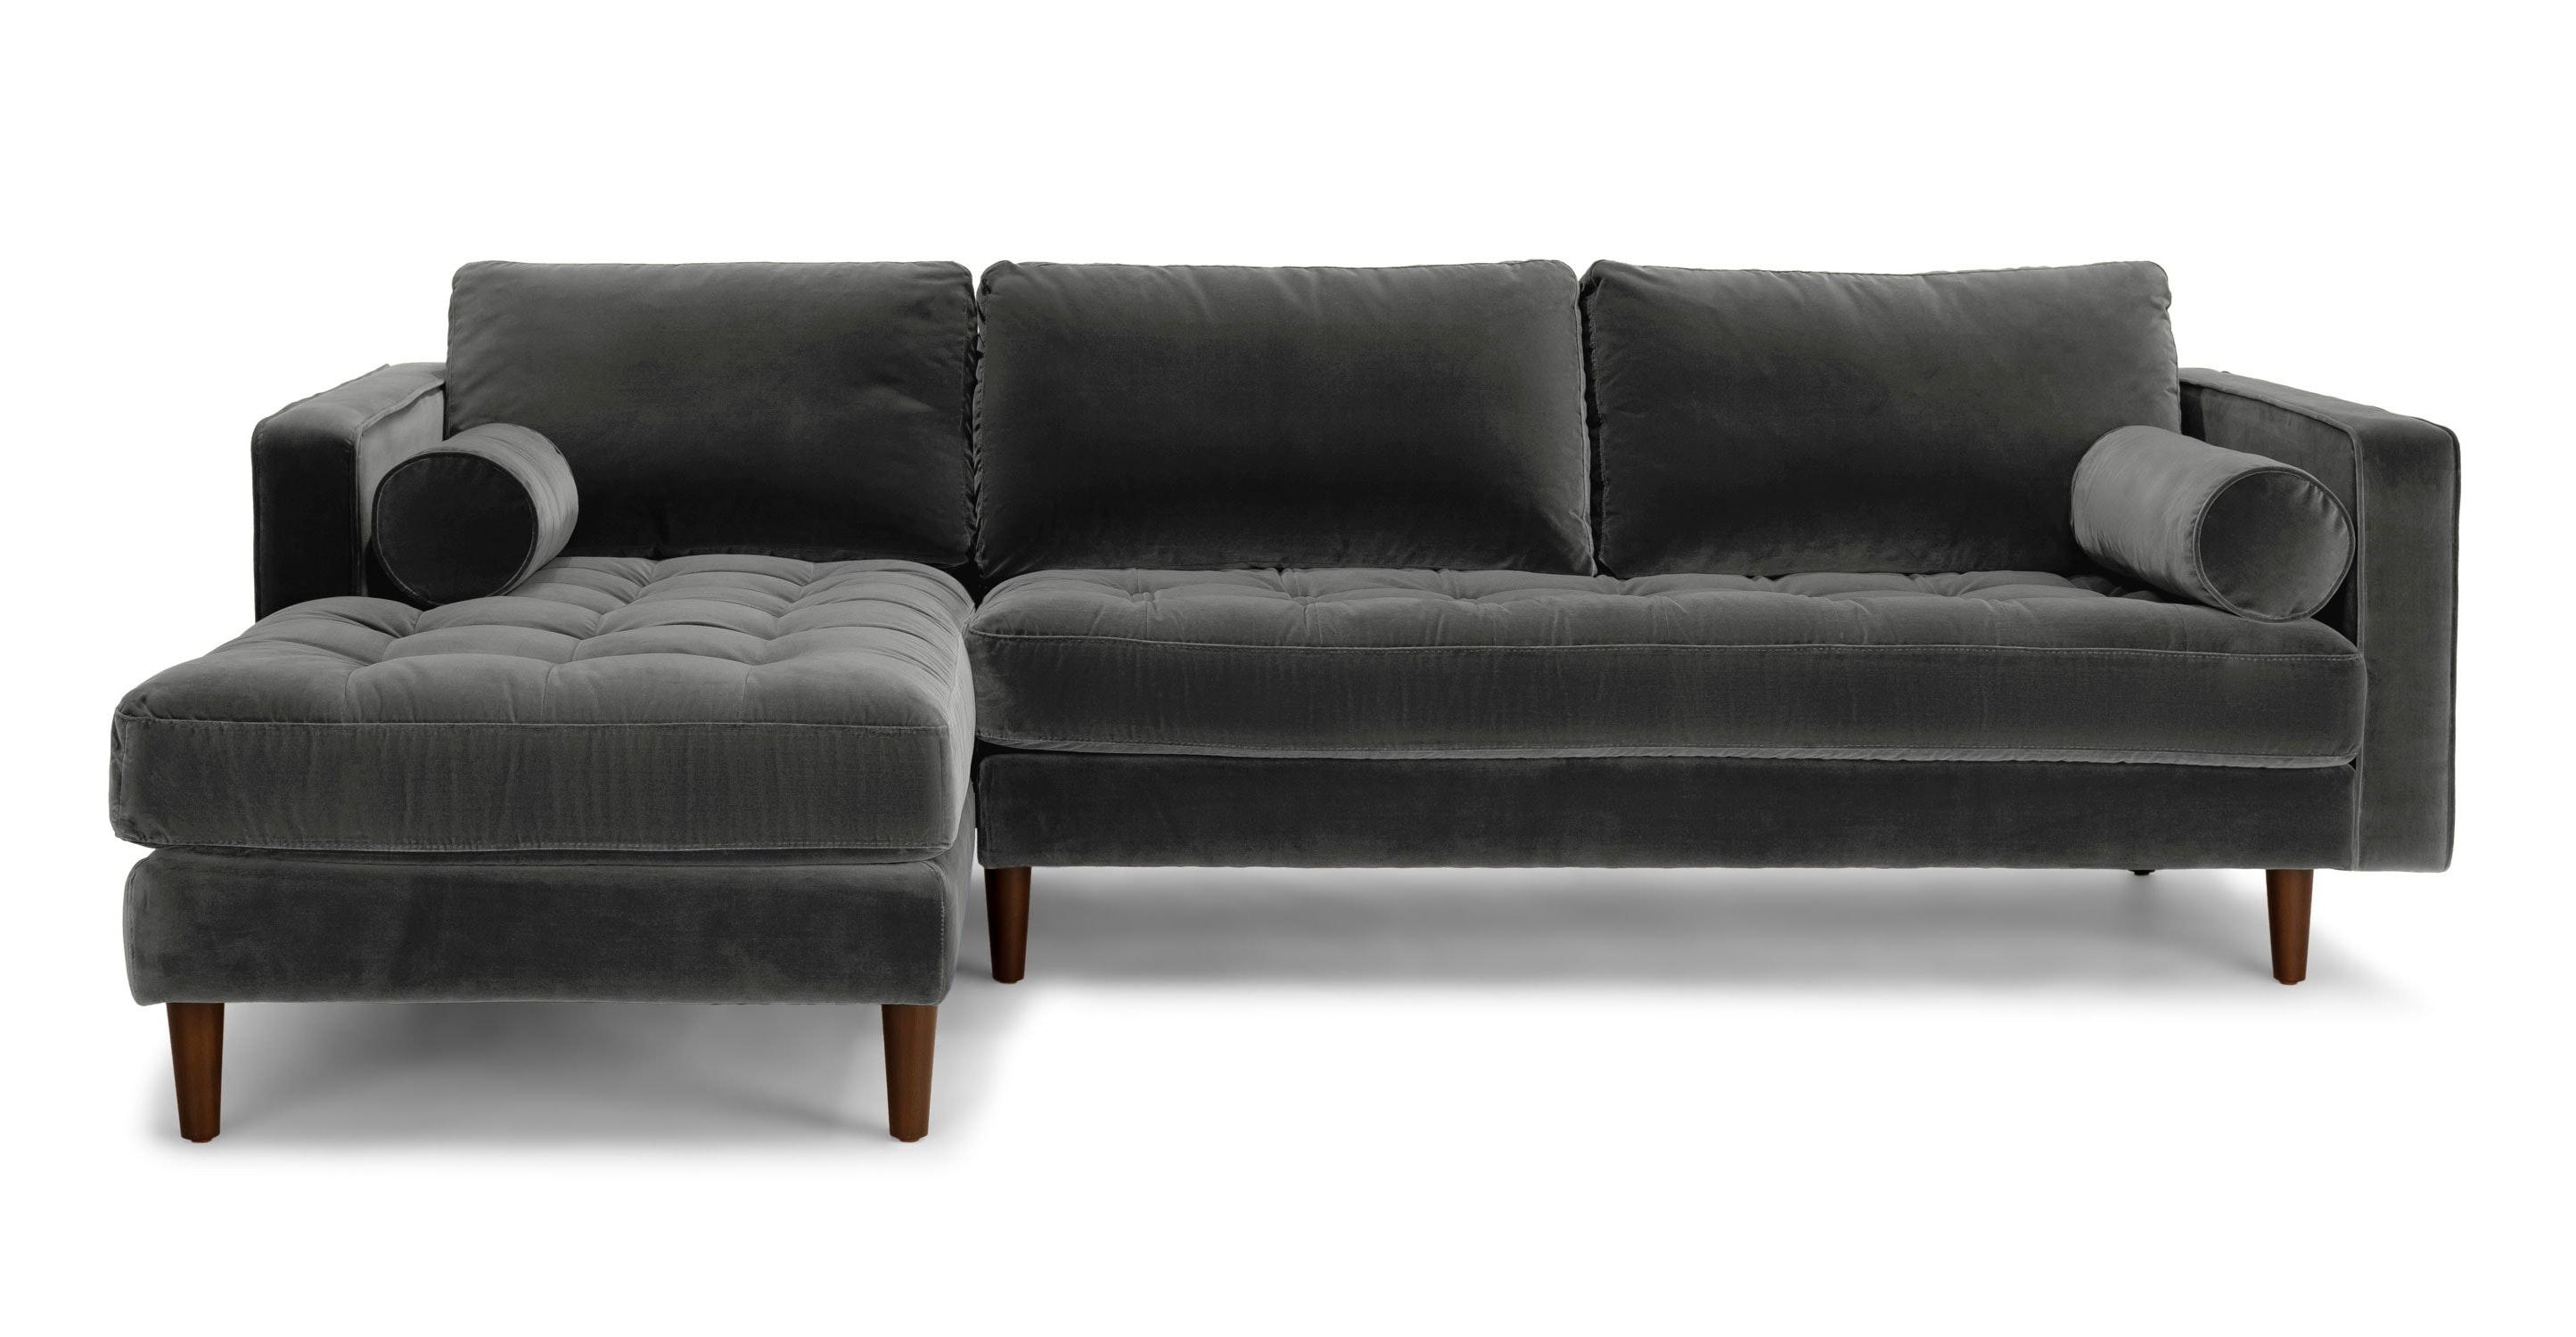 Sven Shadow Gray Left Sectional Sofa